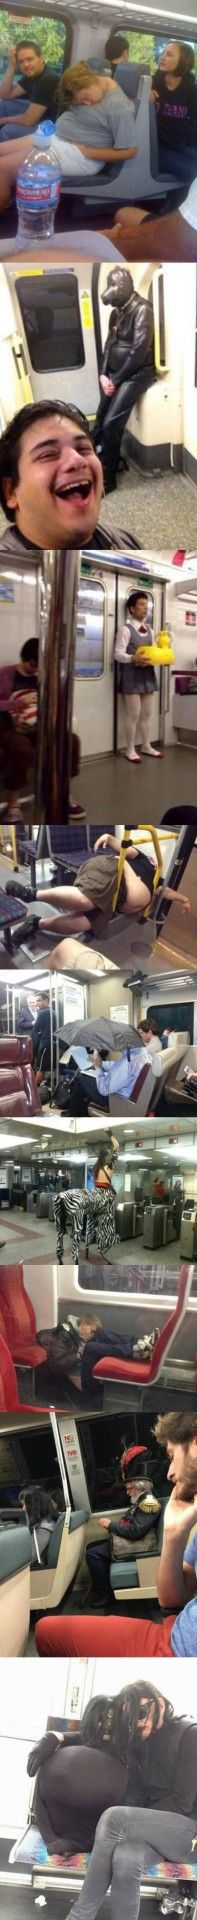 Mientras tanto, en el metro al que nunca te subes… - para mas chistes: Click aqui